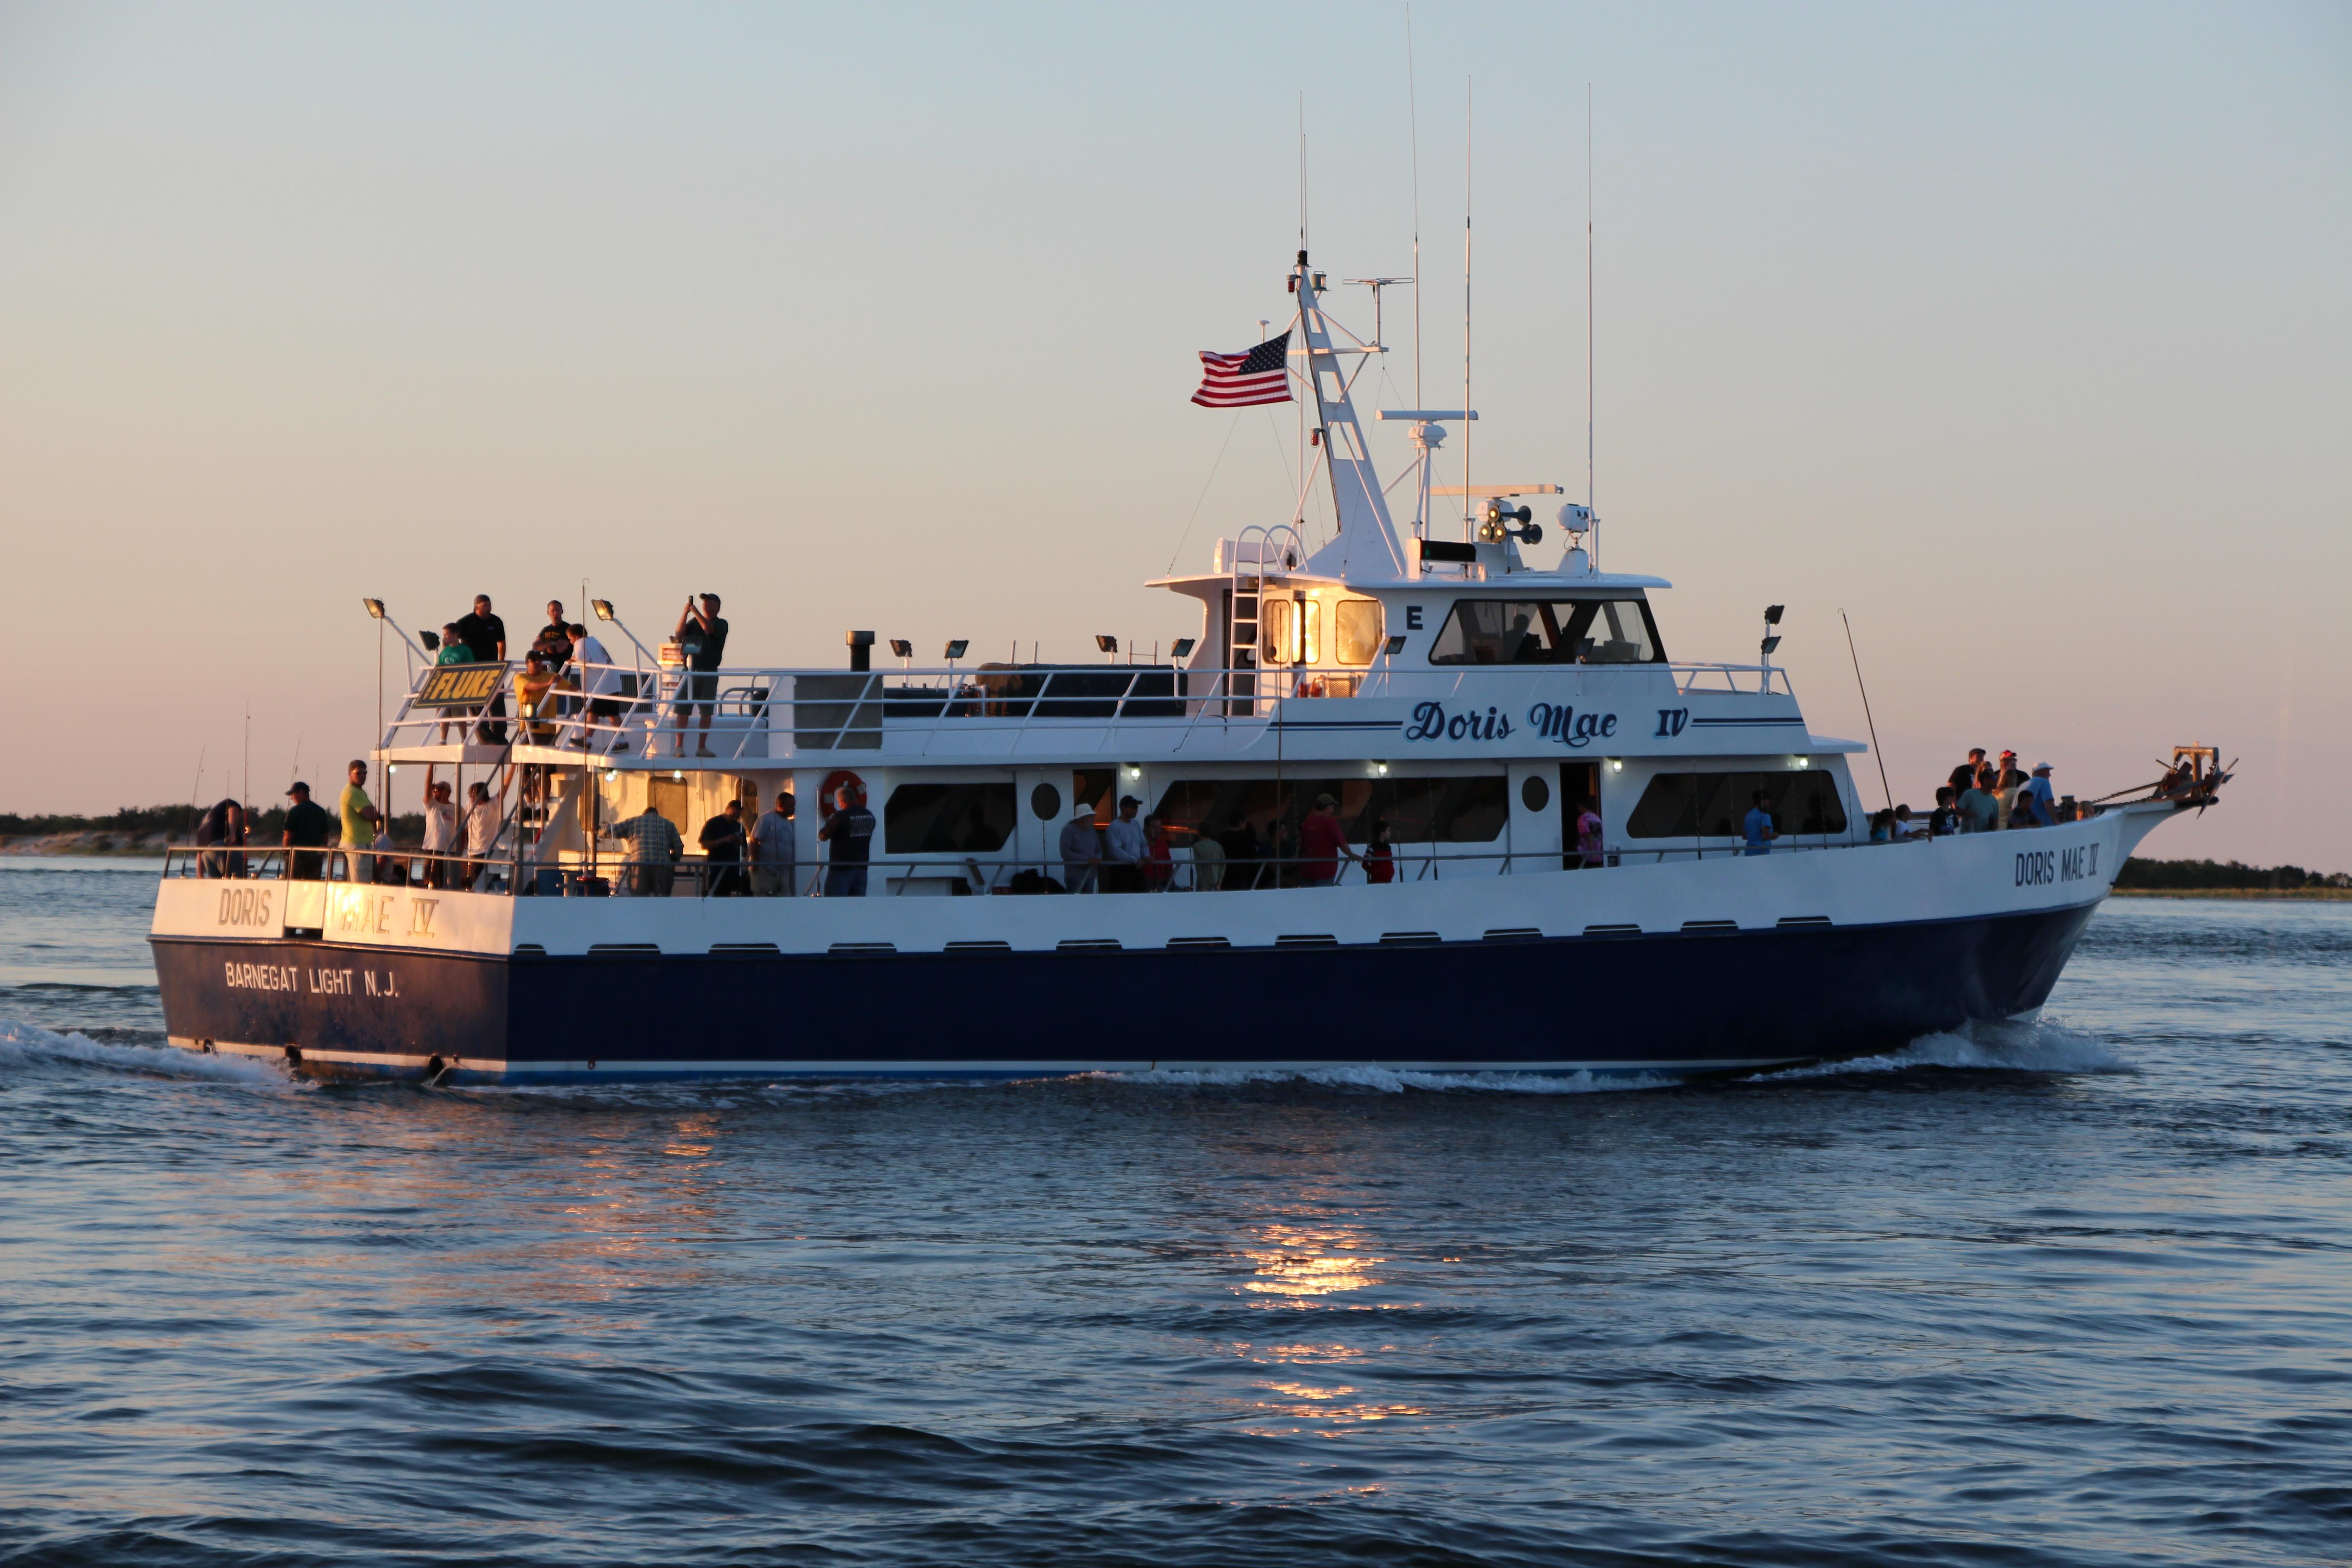 Doris Mae Fishing Boat Lbi Nj Best Fishing